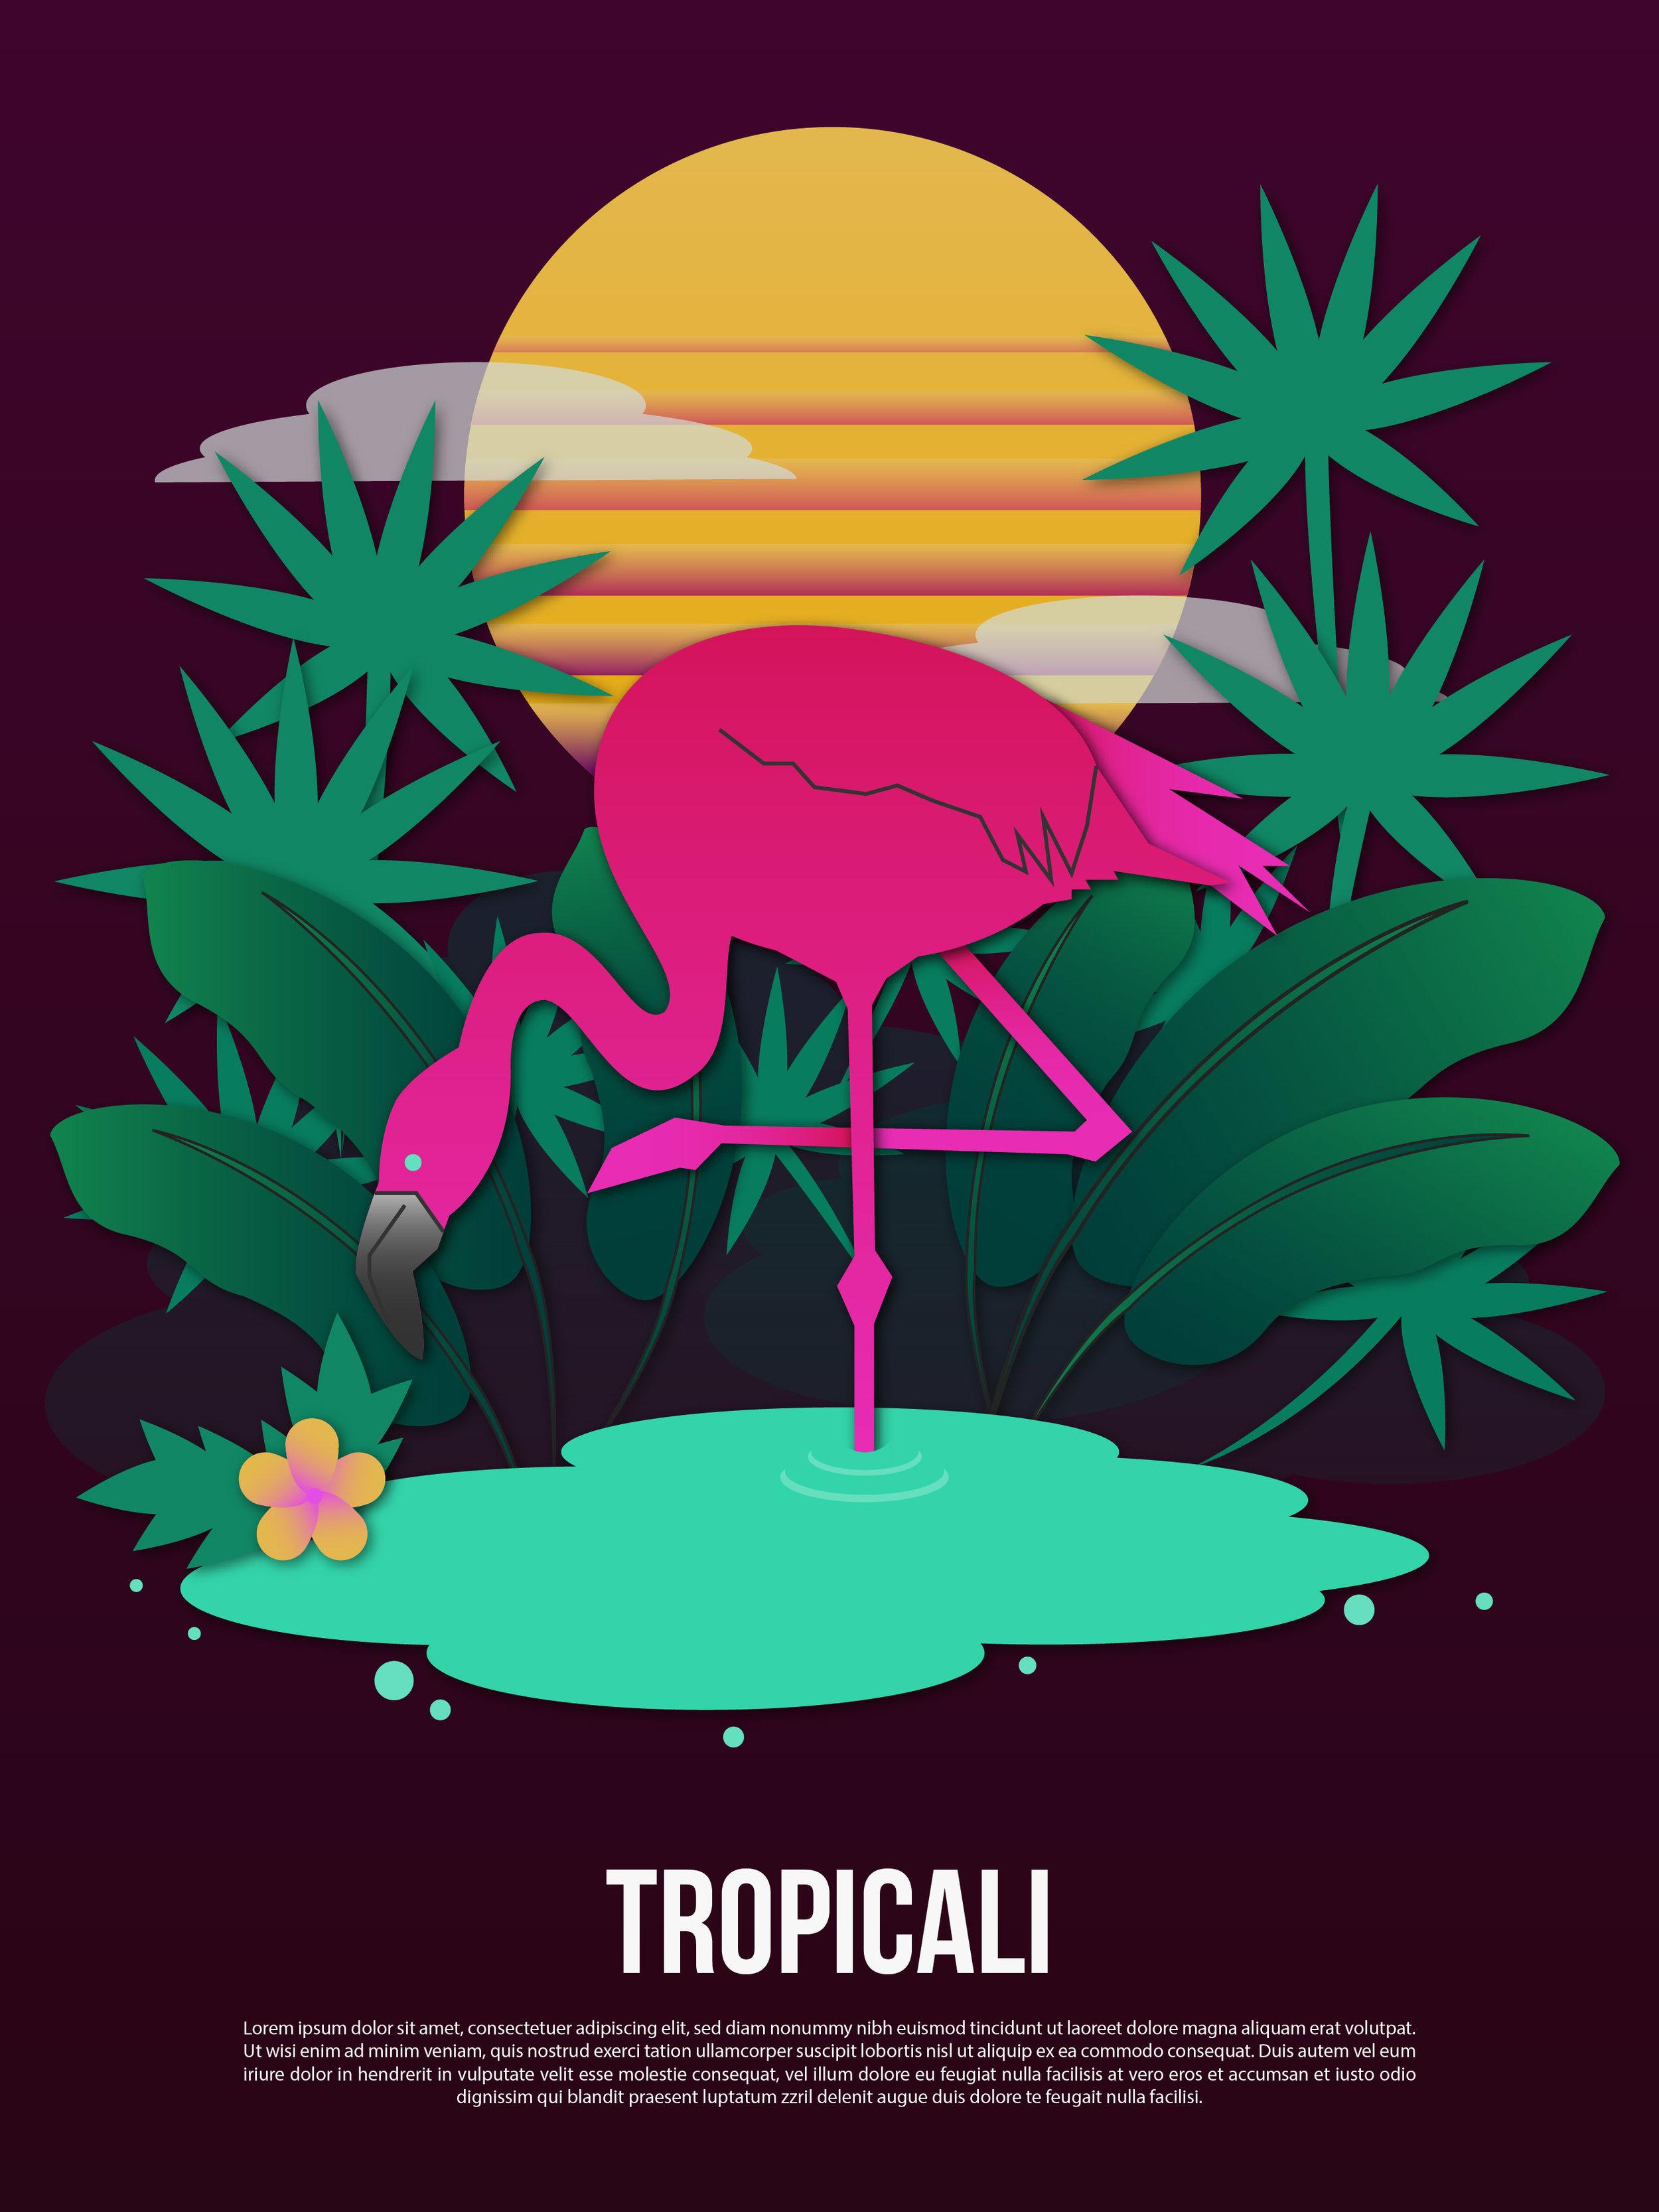 Tropicali Poster, 2018, Adobe Illustrator